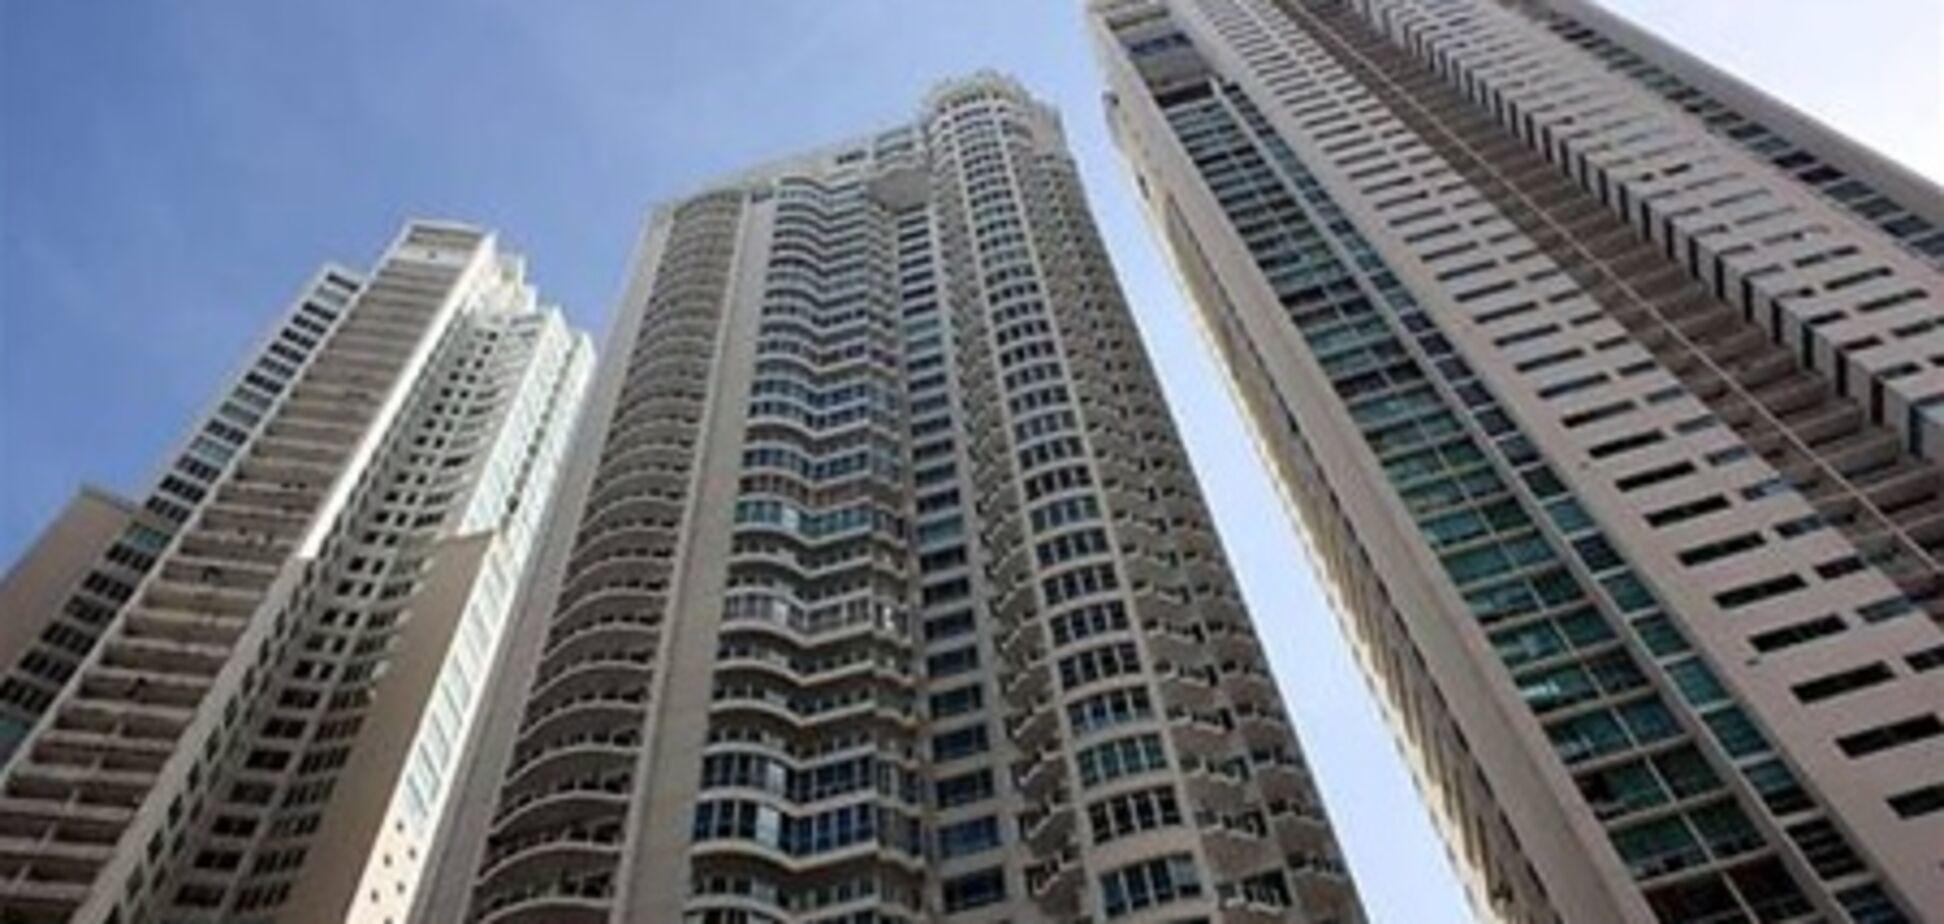 Ажиотаж на рынке недвижимости создается искусственно